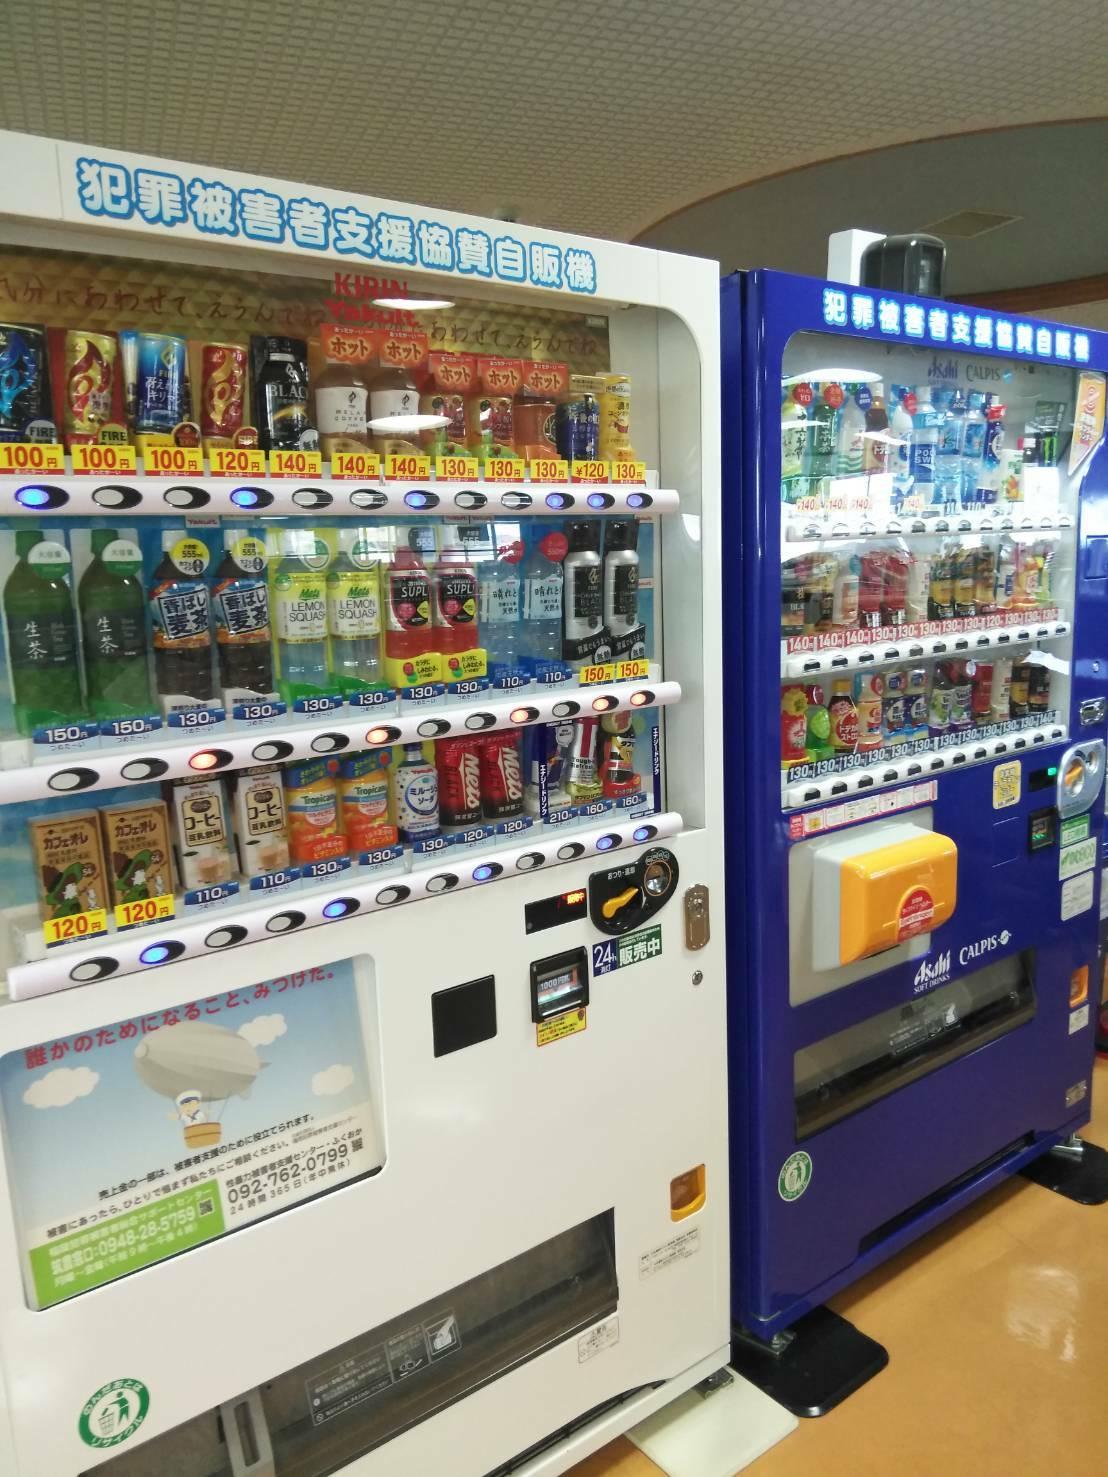 川崎町 犯罪被害者支援自動販売機を設置しました